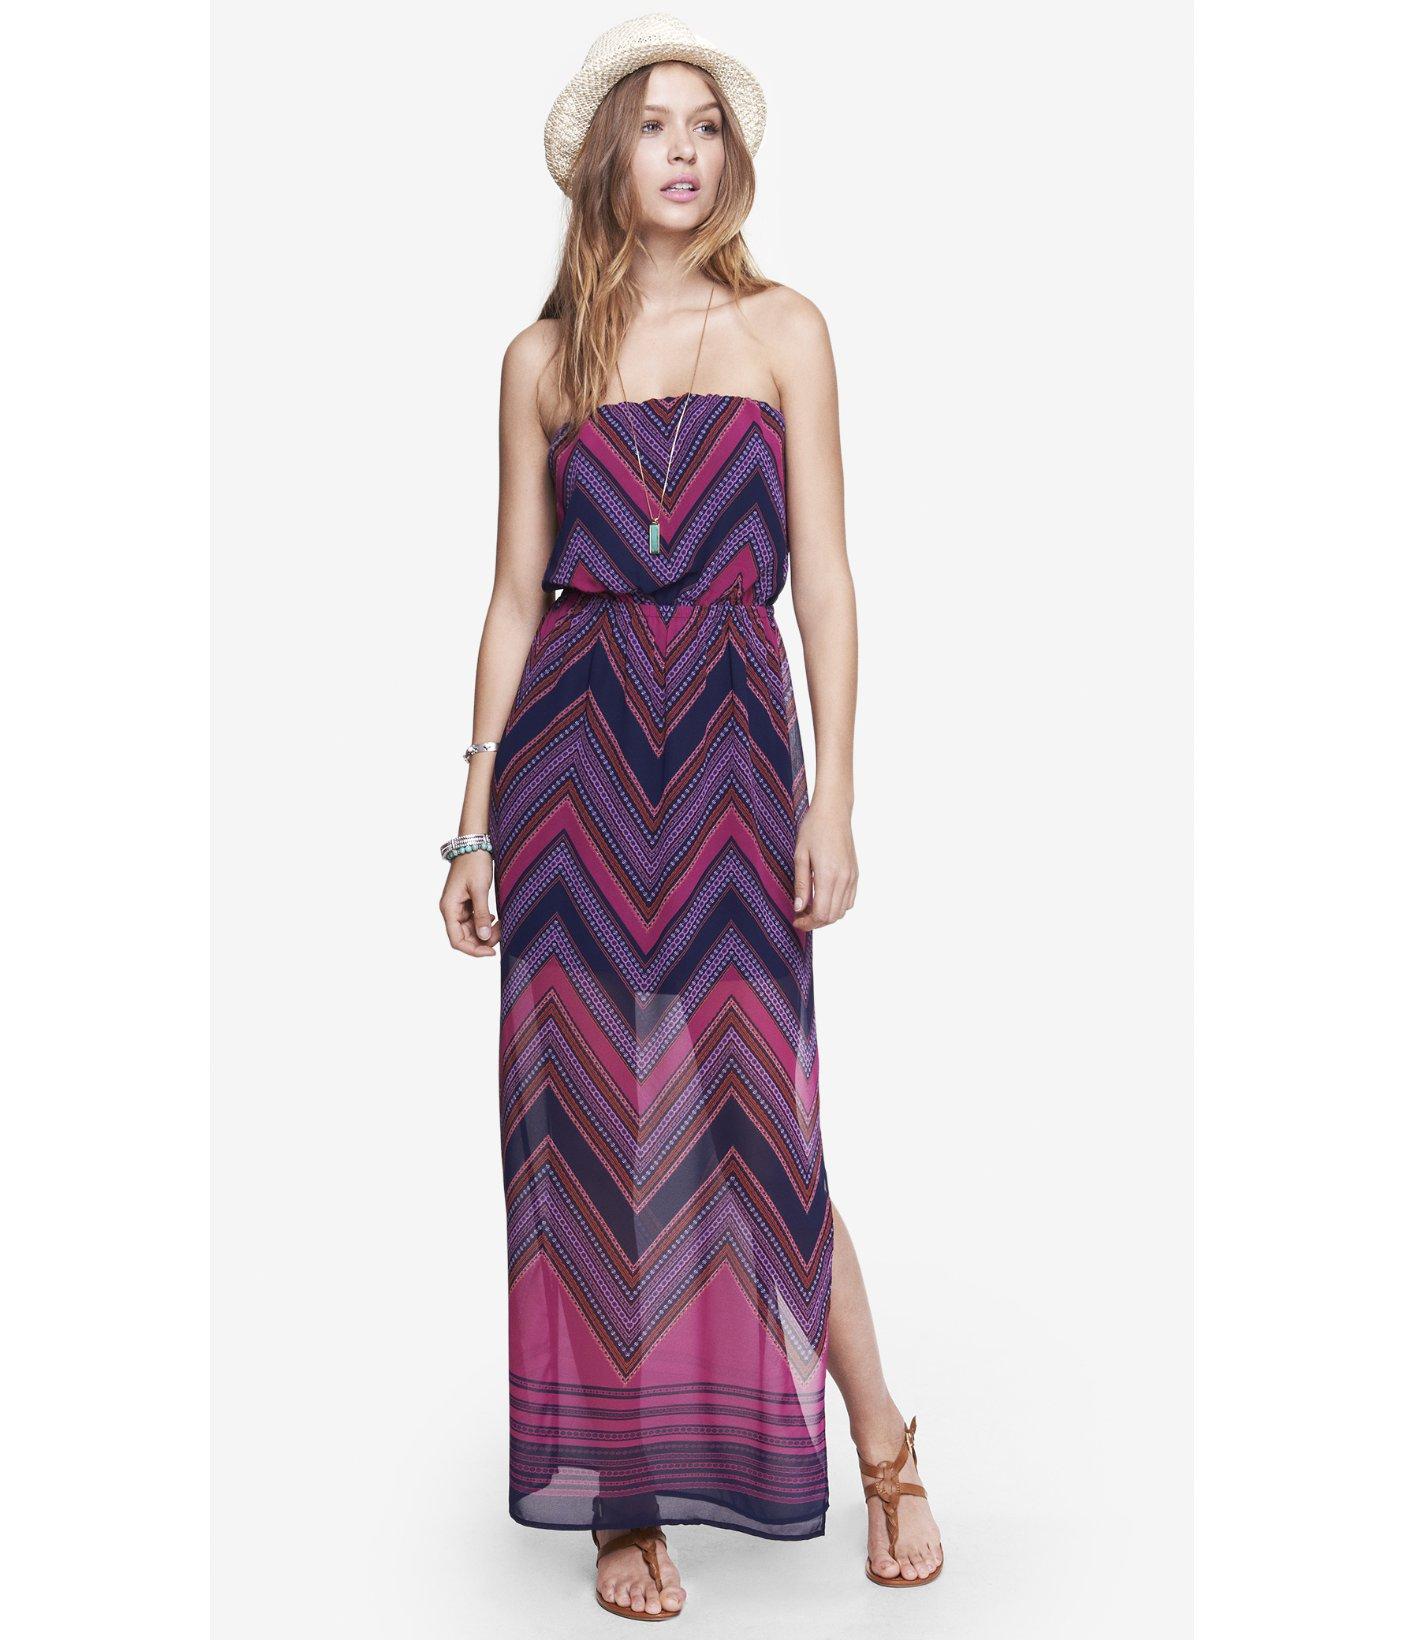 Lyst - Express Purple Scarf Print Maxi Dress